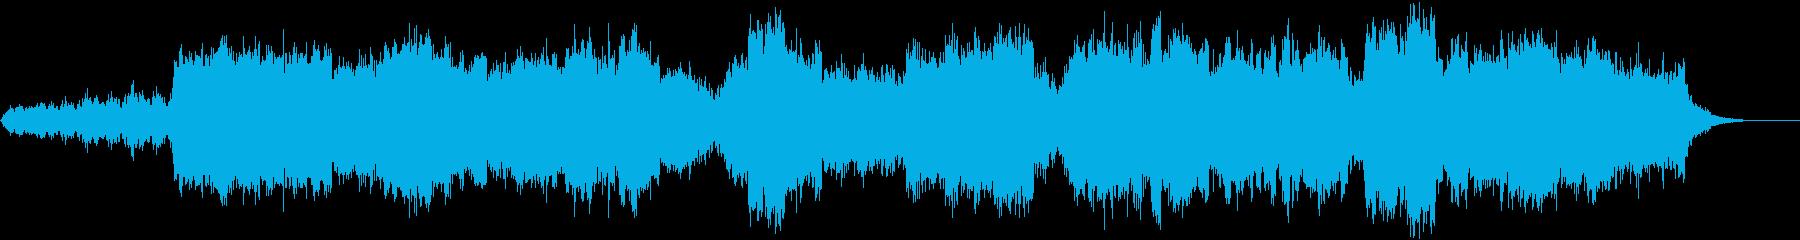 Ehorn_Miseryの再生済みの波形